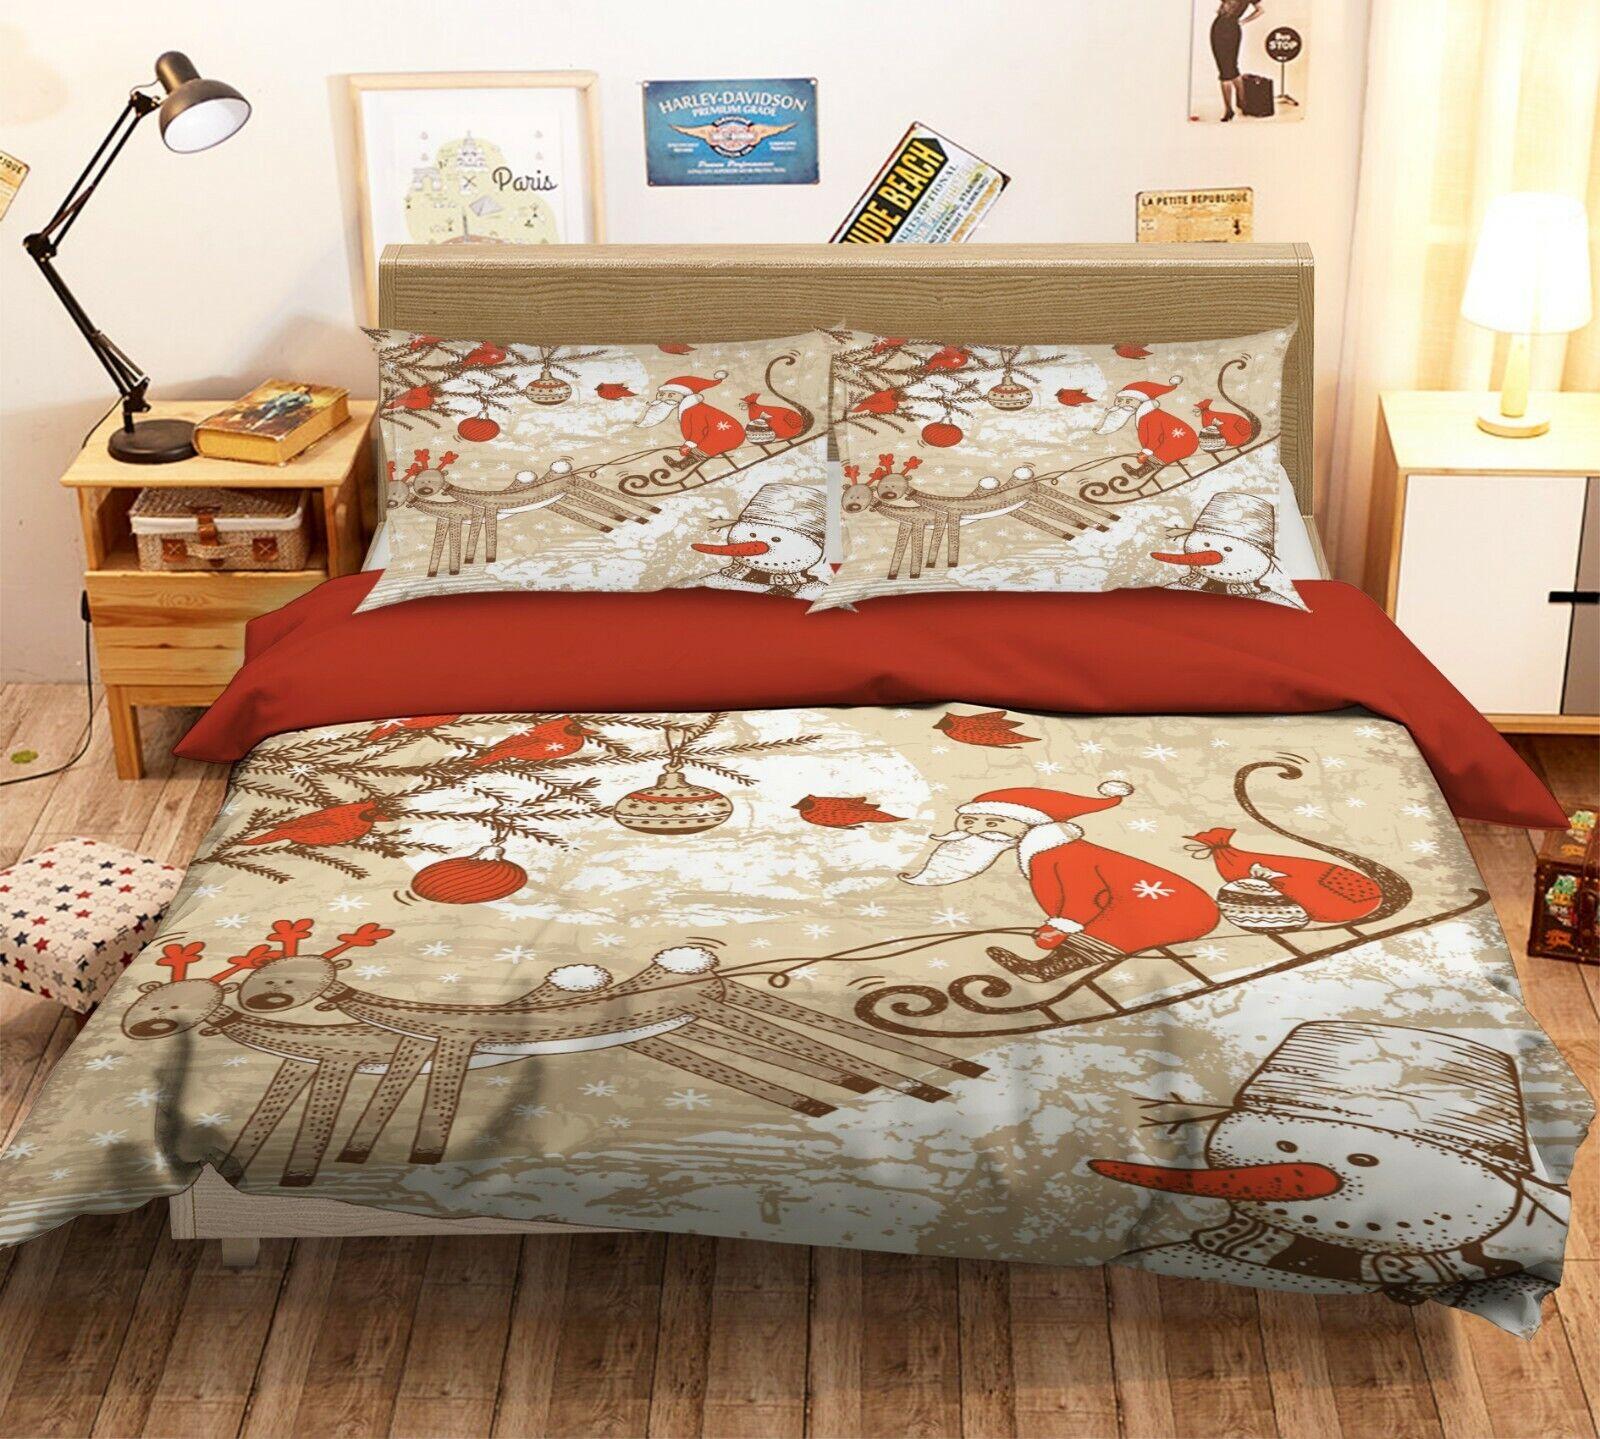 3D Rentier Schlitten Santa Schnee M844 Christmas Bett Kissenbezüge Bettbezug Amy